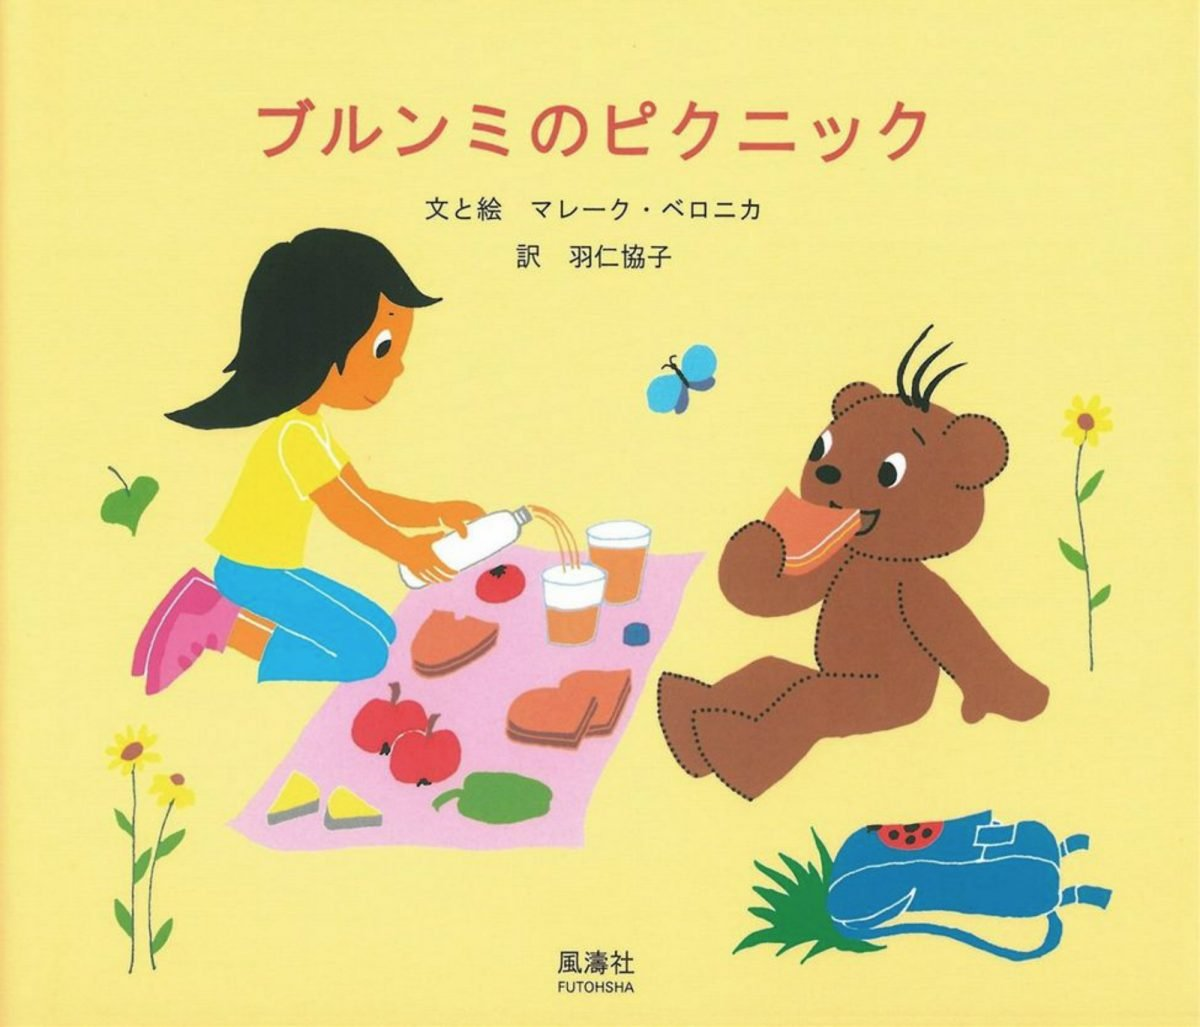 絵本「ブルンミのピクニック」の表紙